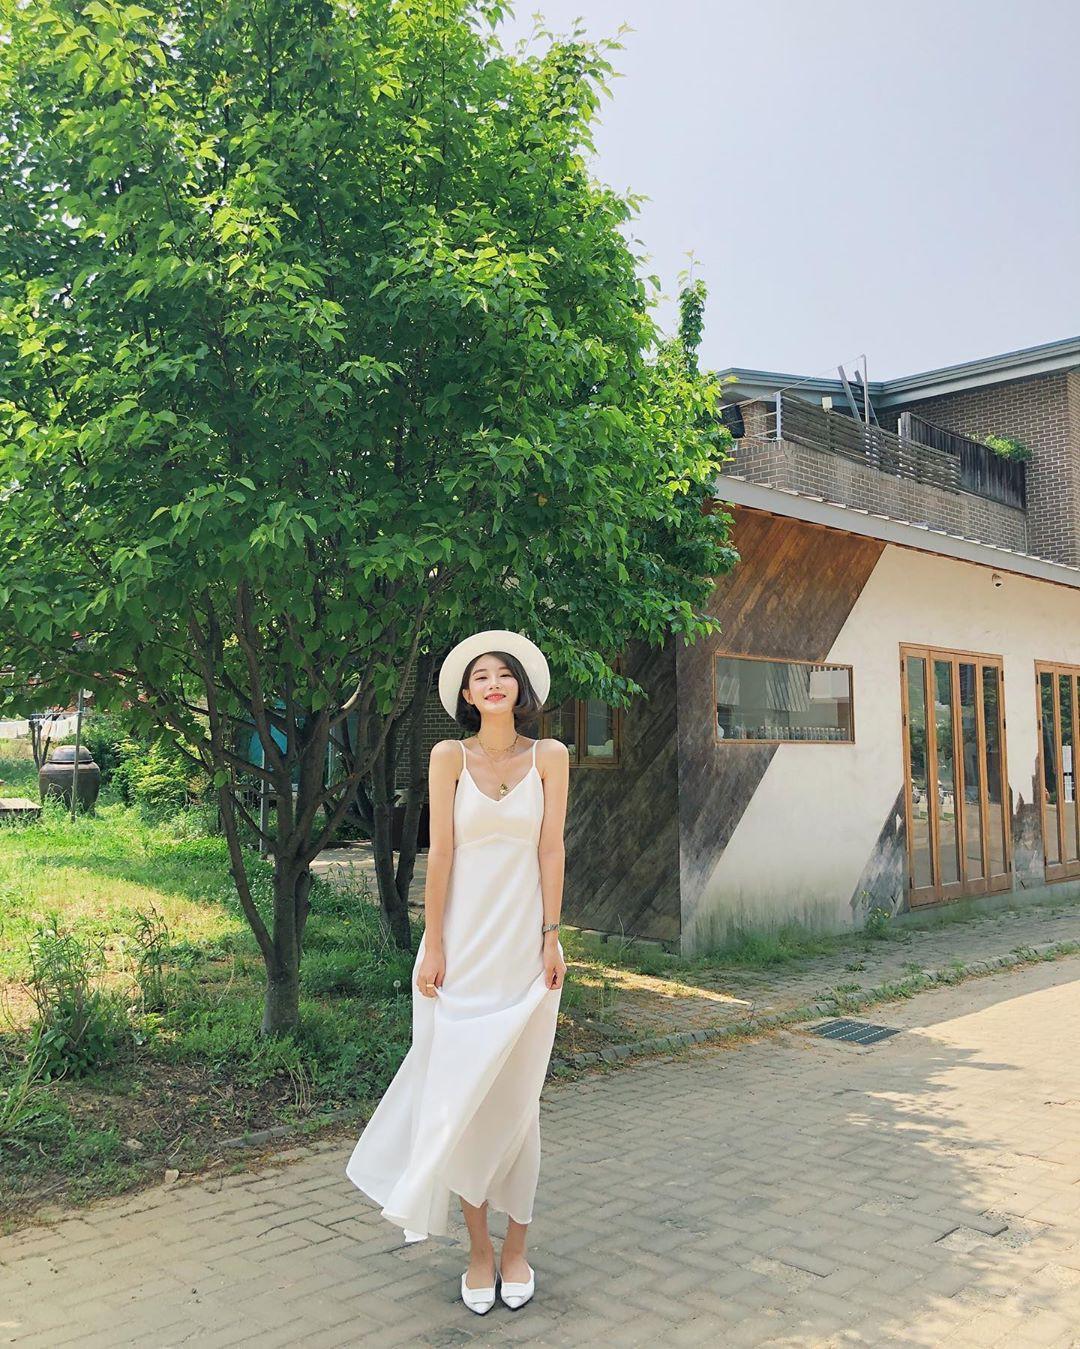 Nô nức diện váy thô mùa hè cho mát, muốn mặc đẹp hãy tham khảo 15 bộ đồ từ street style Châu Á này